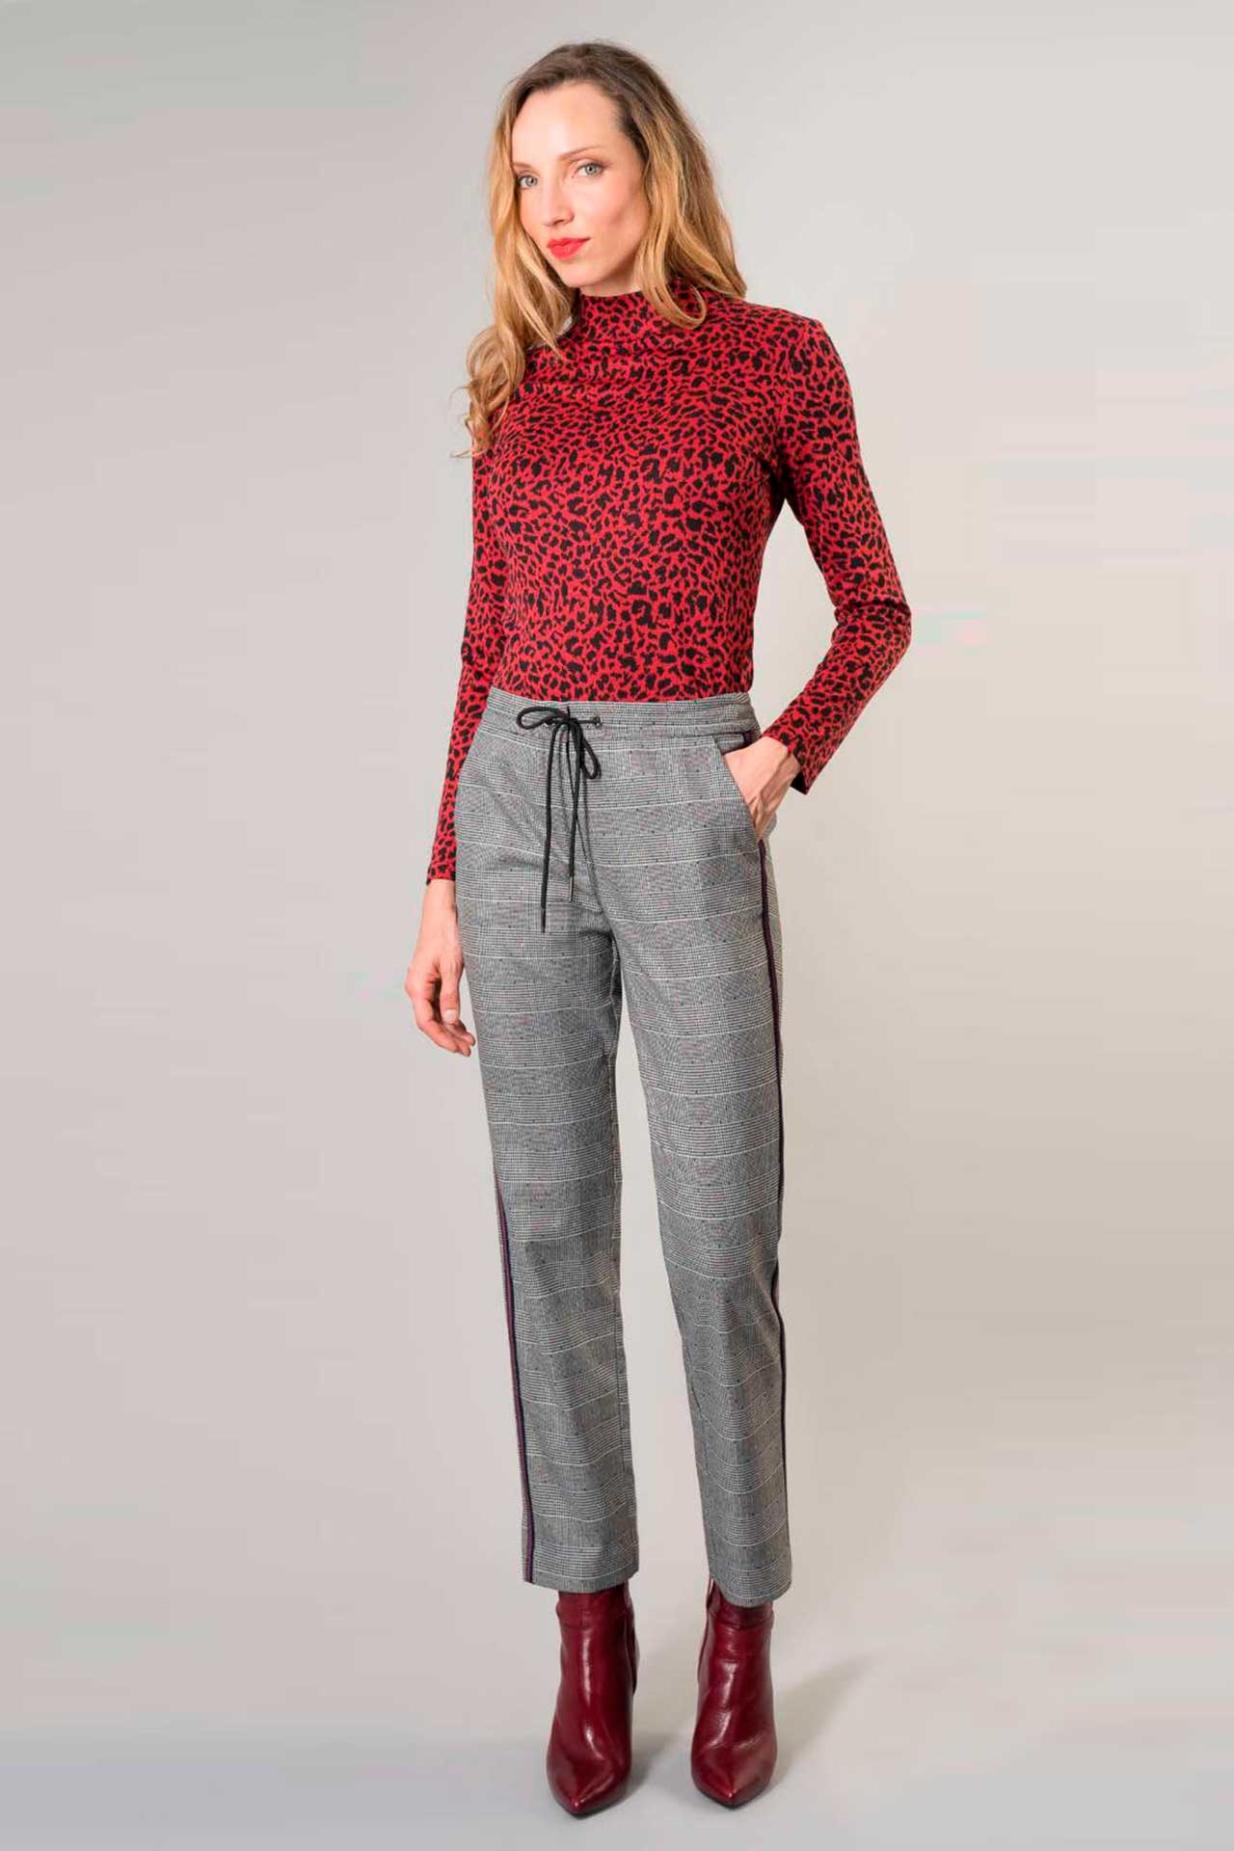 Pantalón gris con lineas rojas